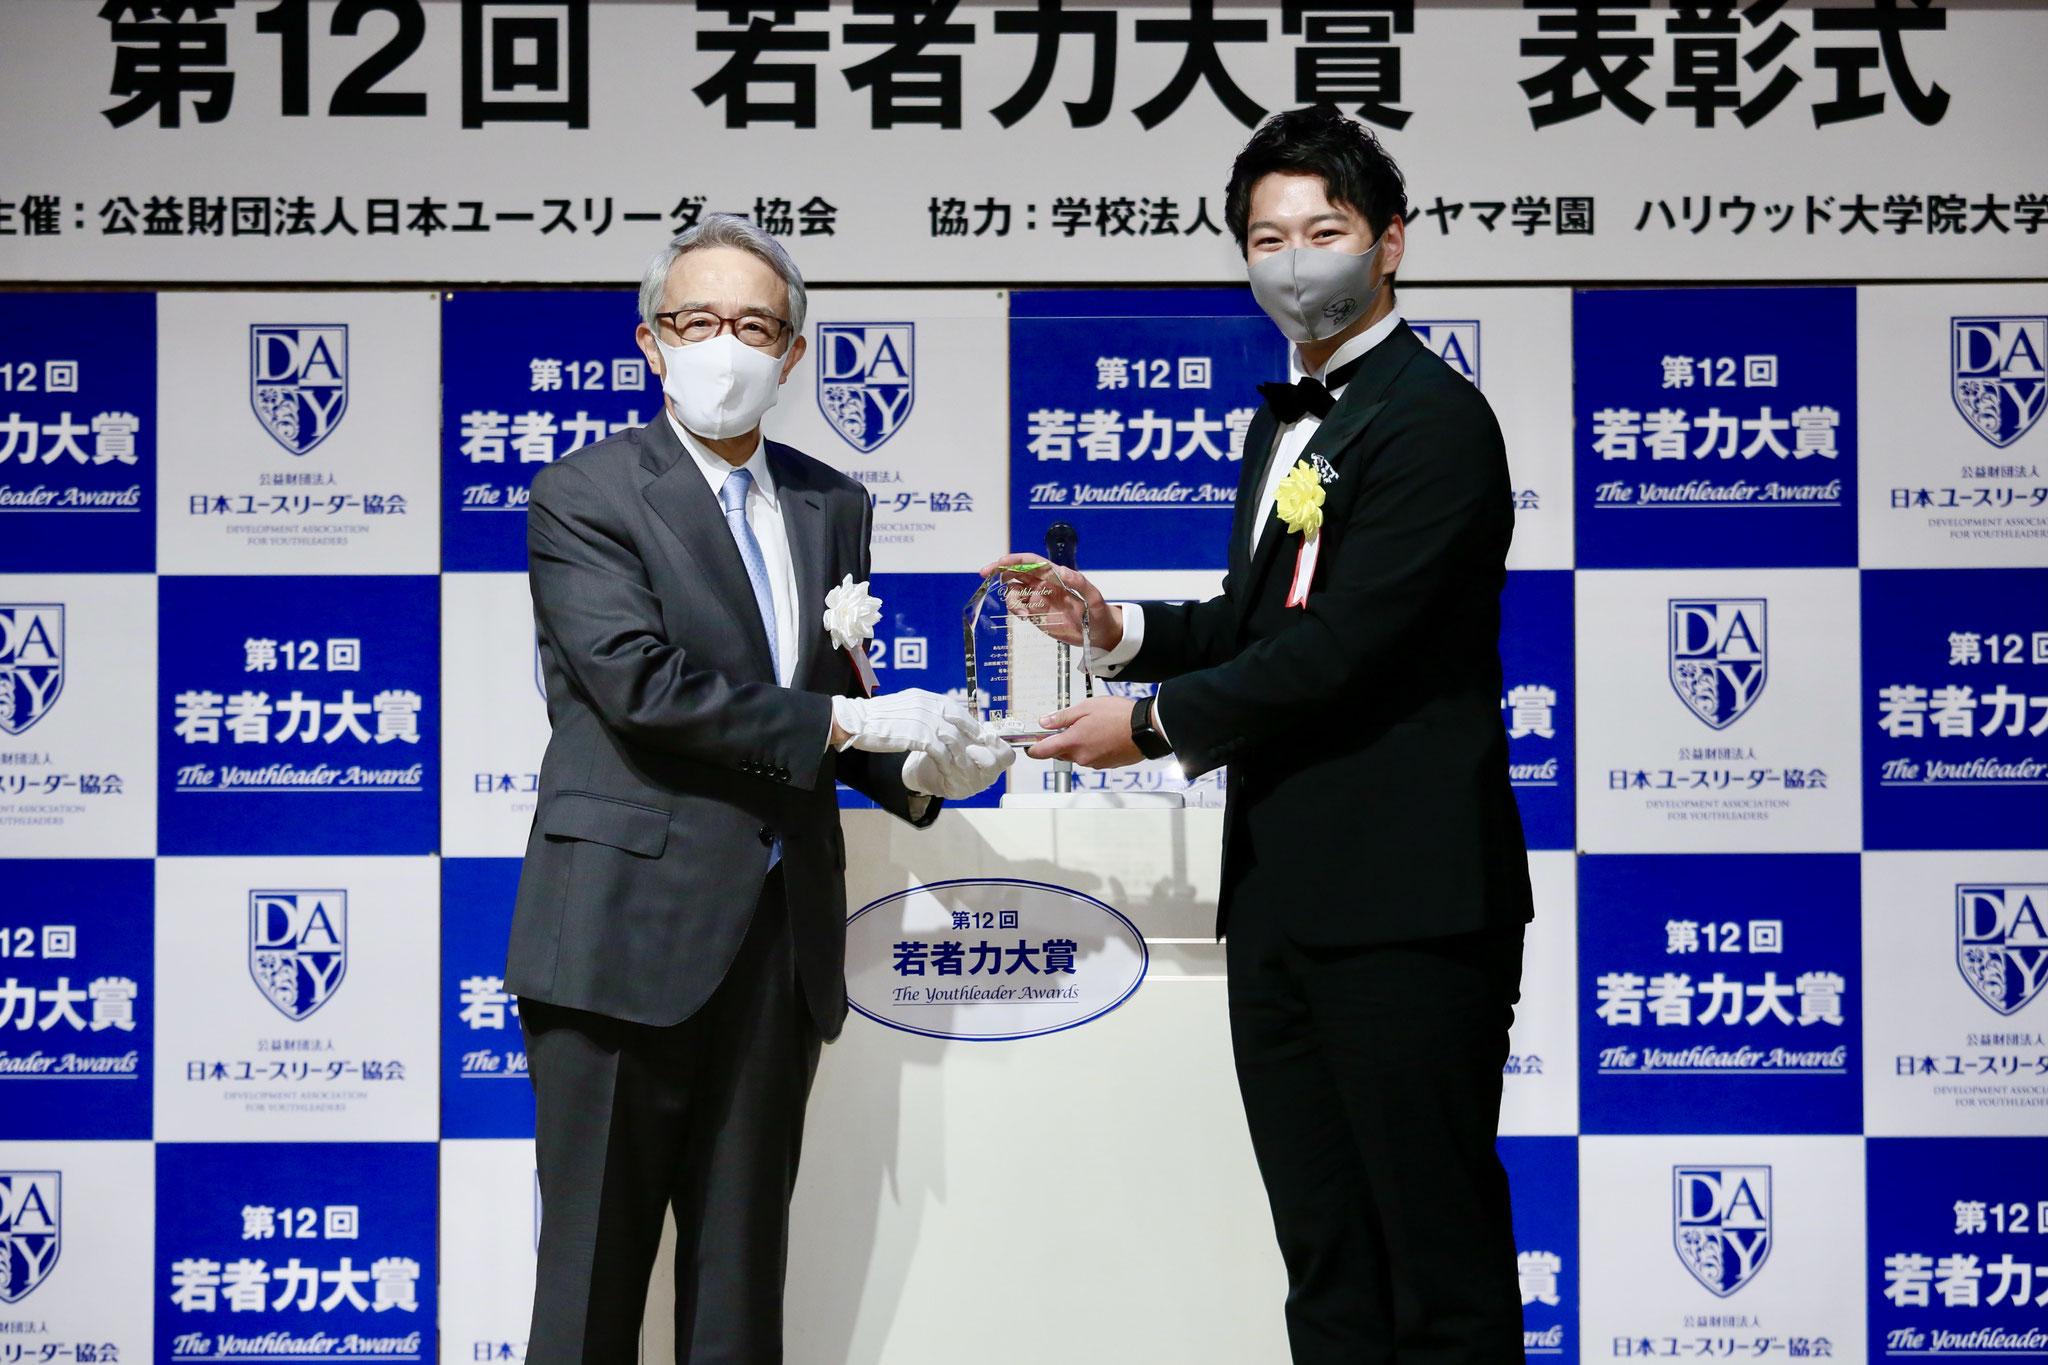 左:永野審査委員長 右:若者力大賞受賞 古井康介さん